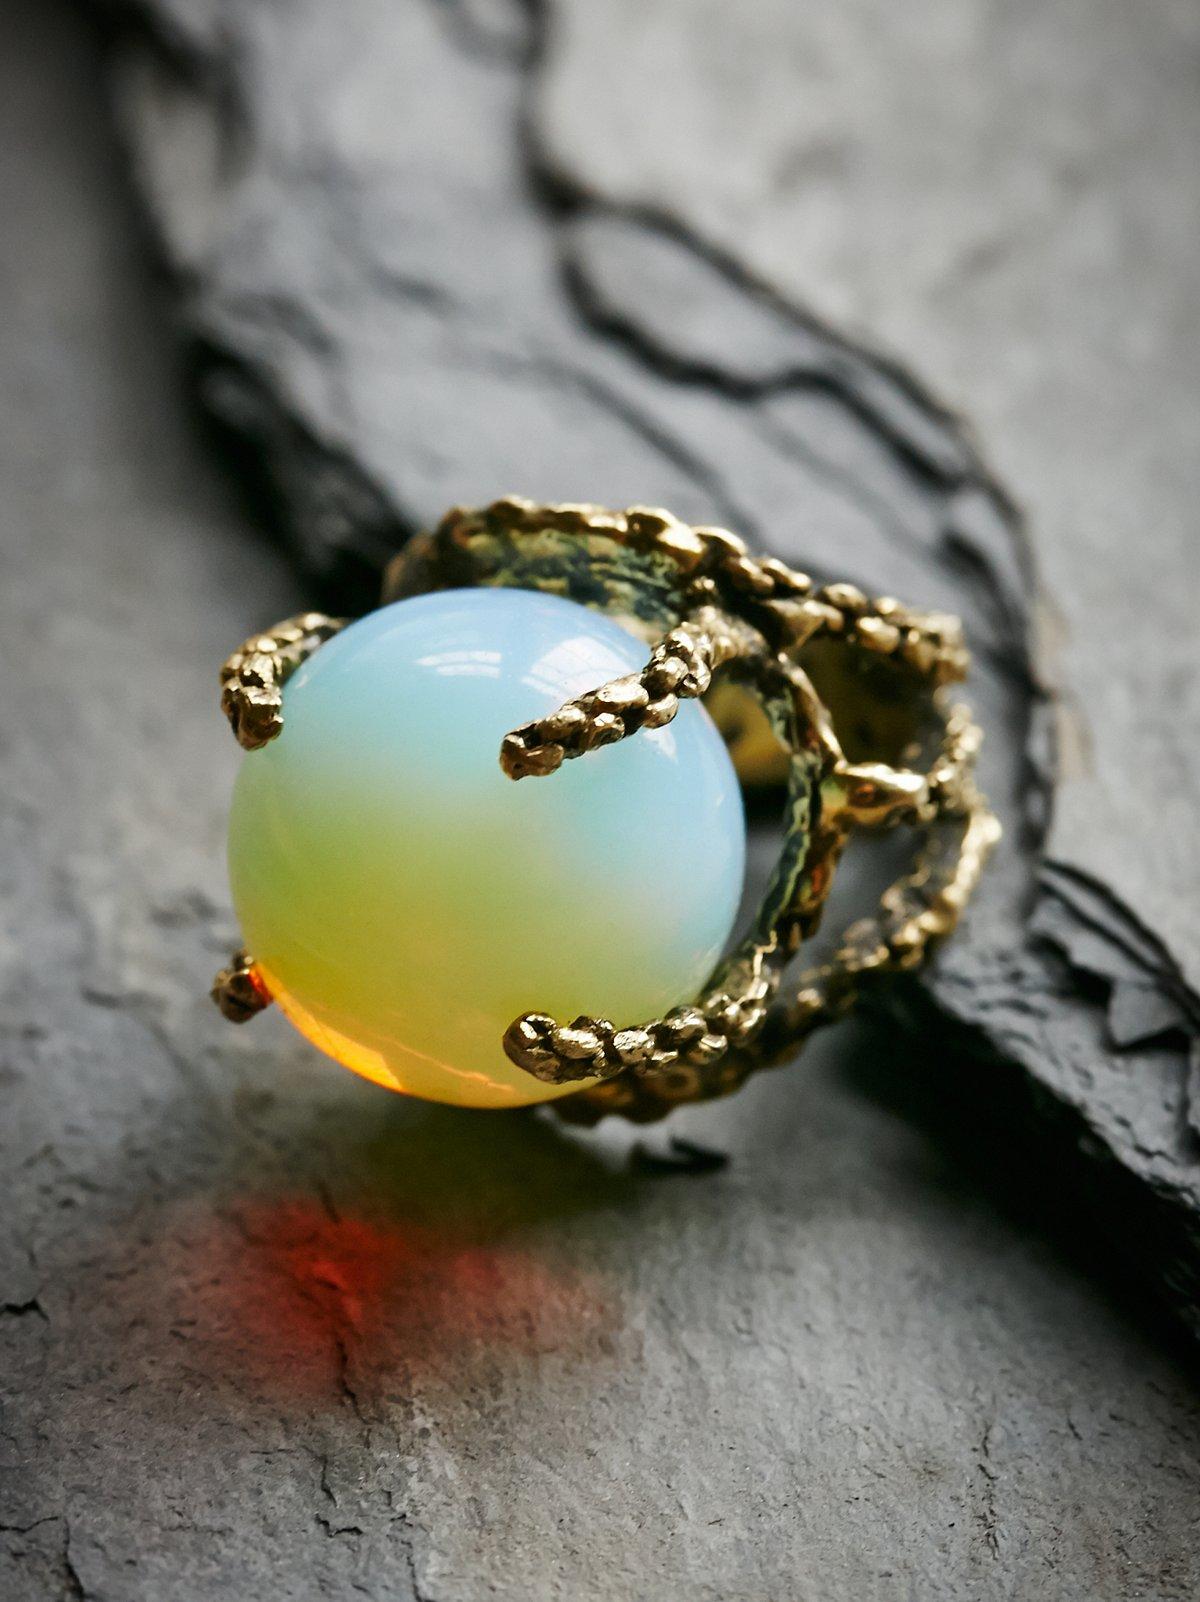 猫眼石球形戒指